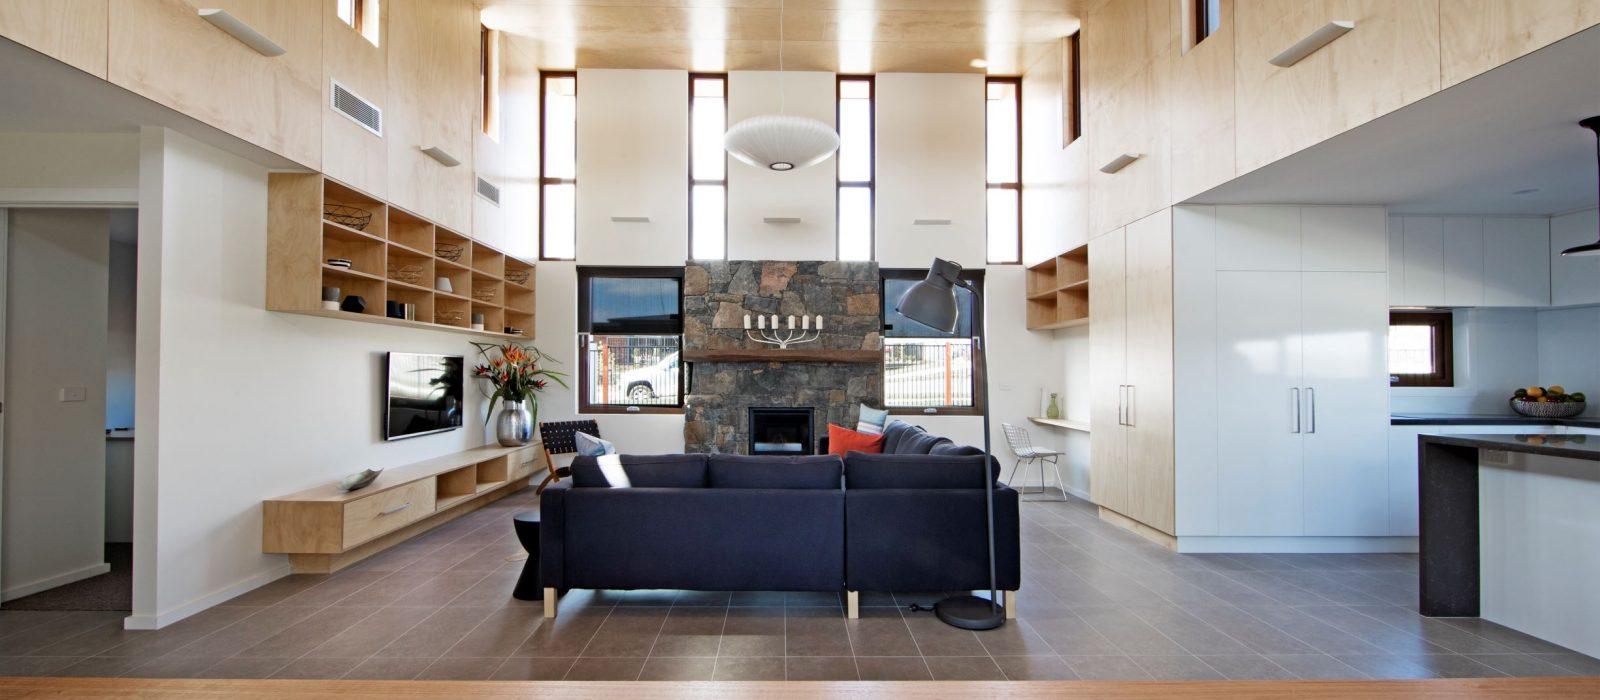 Aspire House, Arquitectura